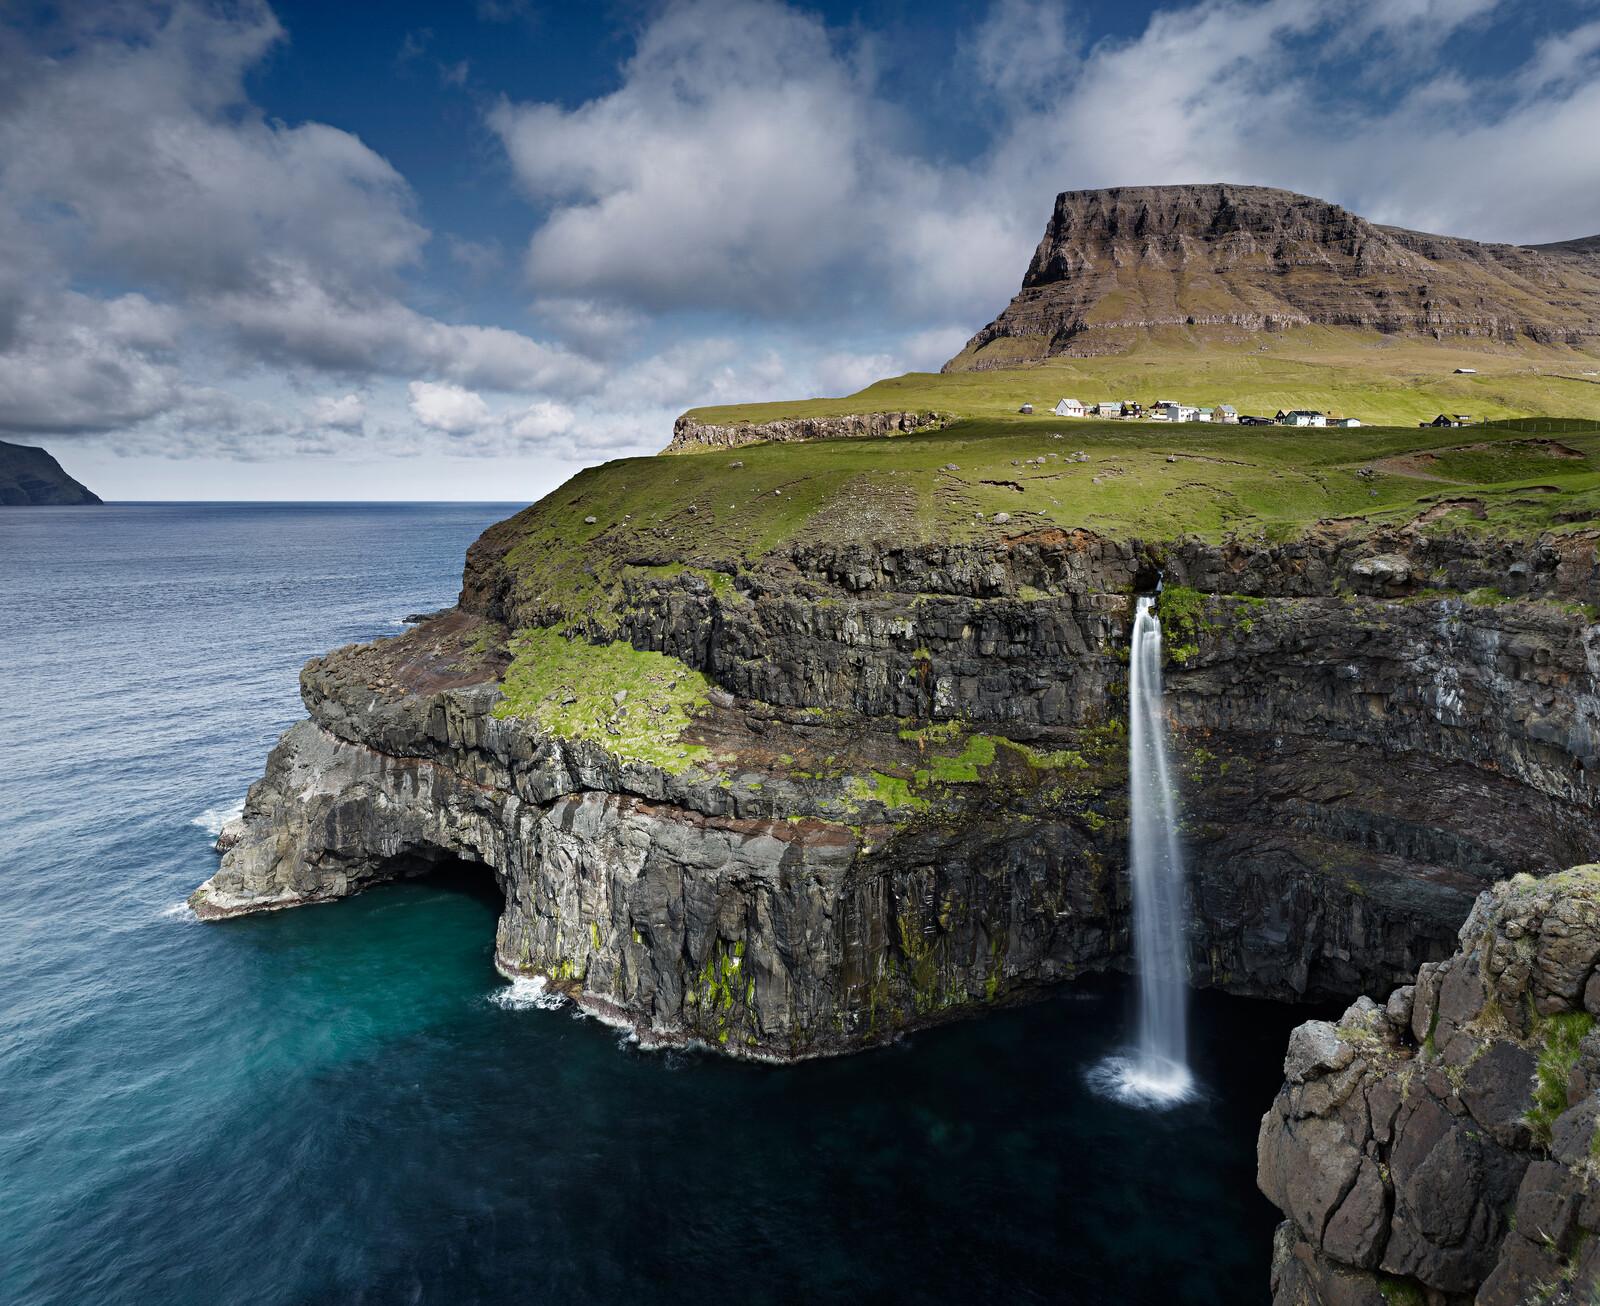 Ferry Denmark To Faroe Islands